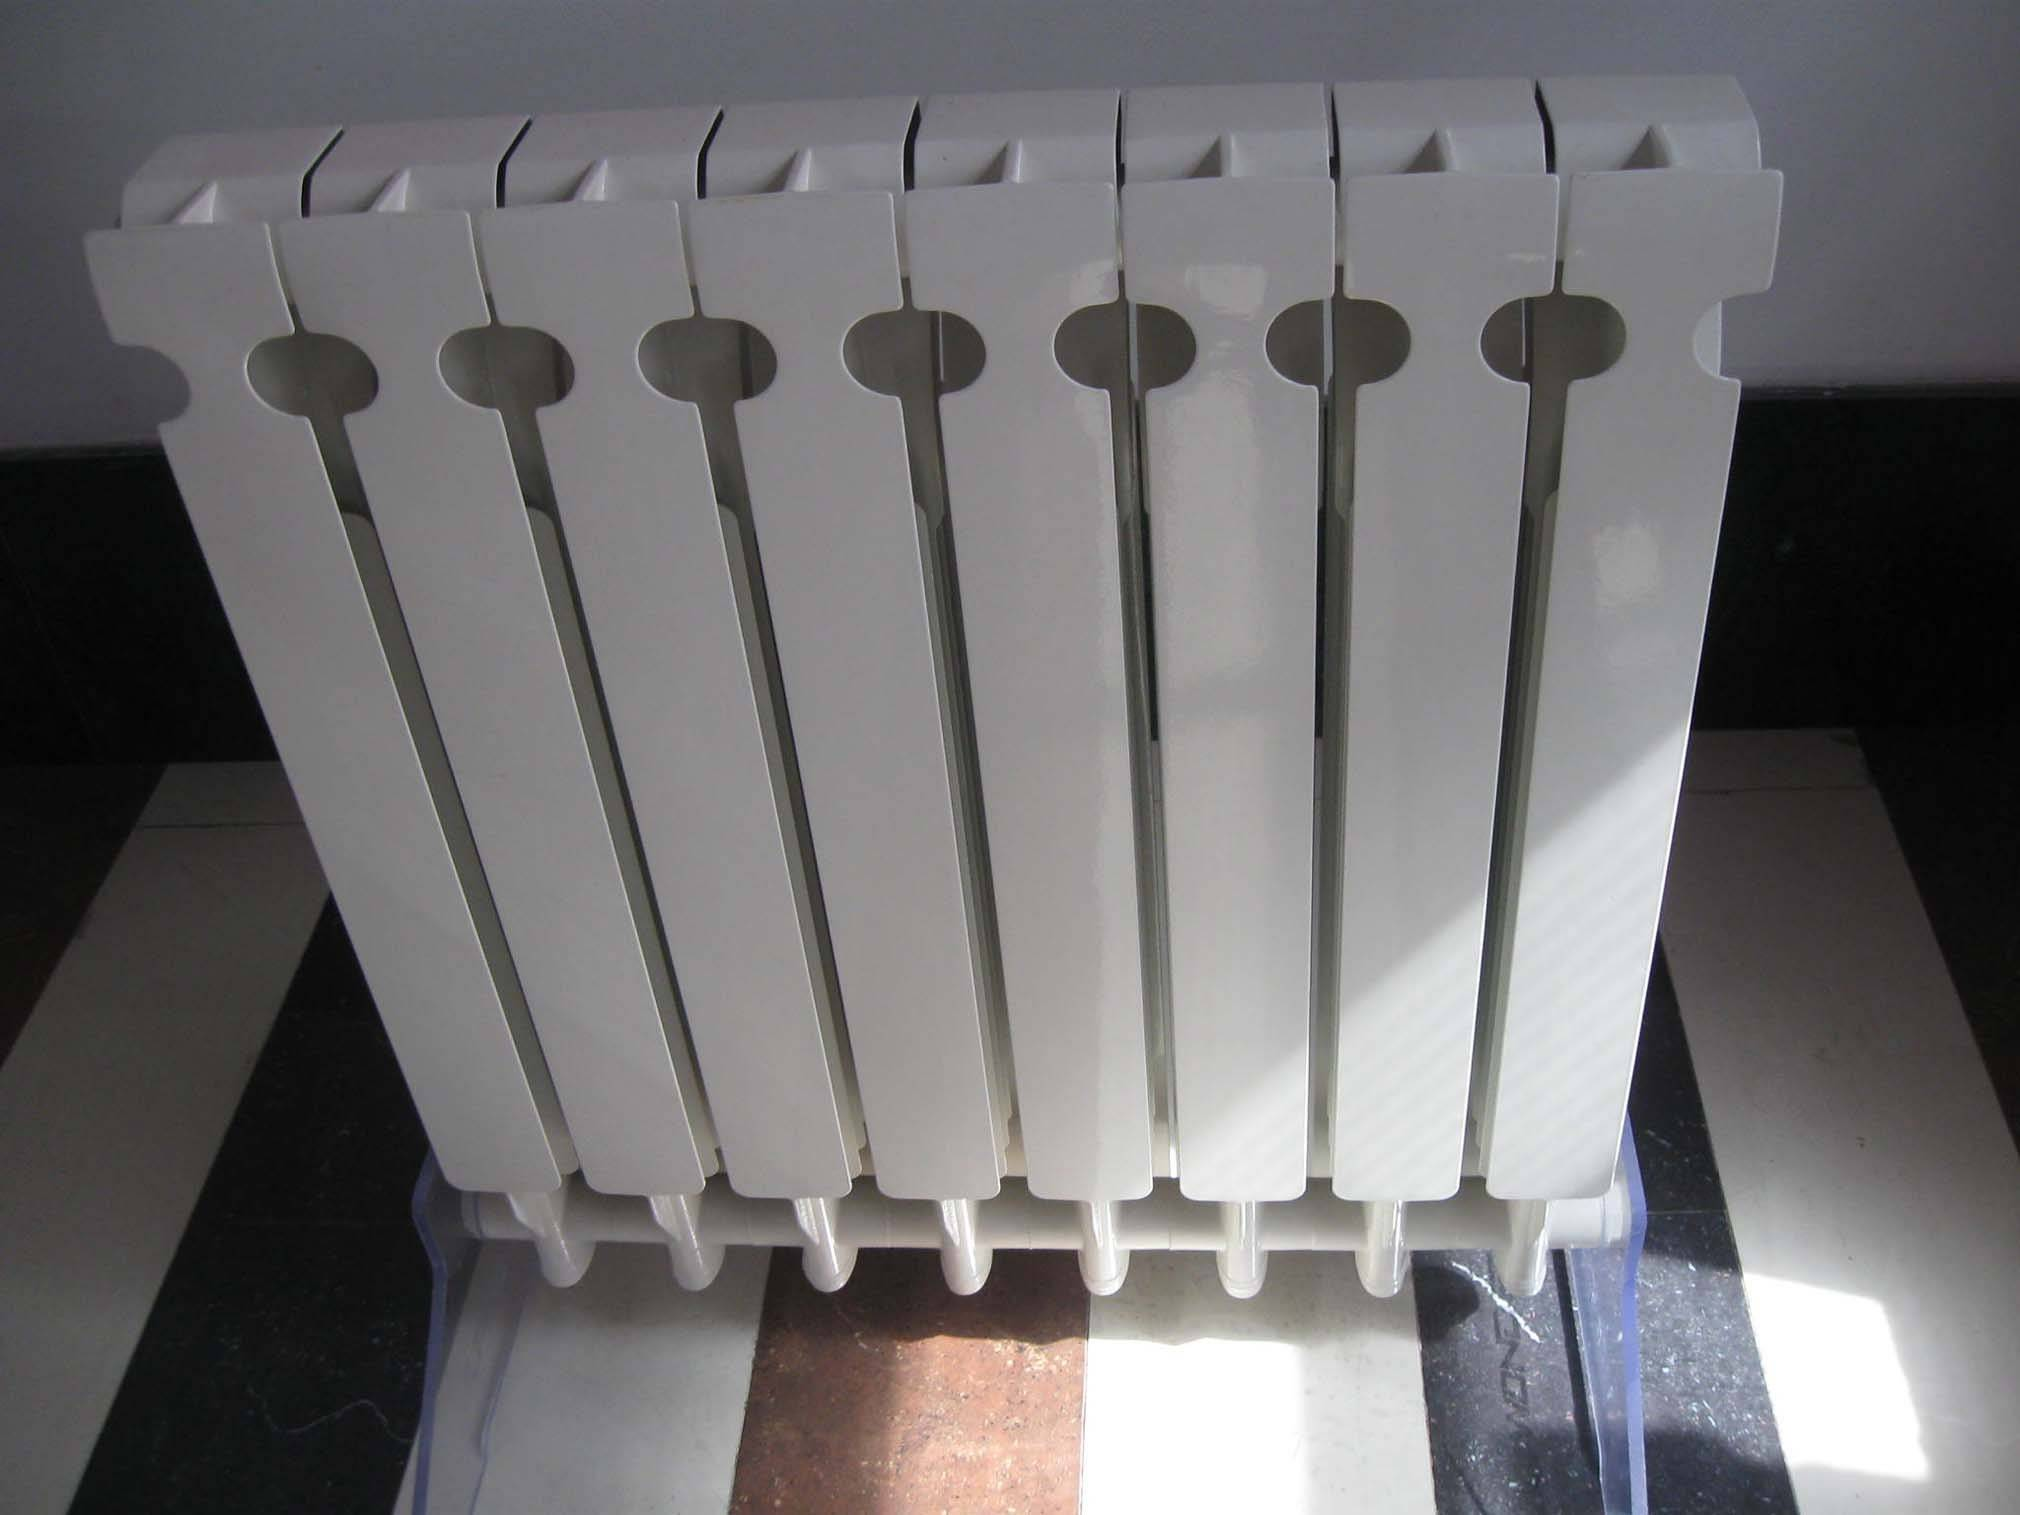 Как разобрать чугунную батарею отопления по секциям: ключ для разборки чугунных радиаторов